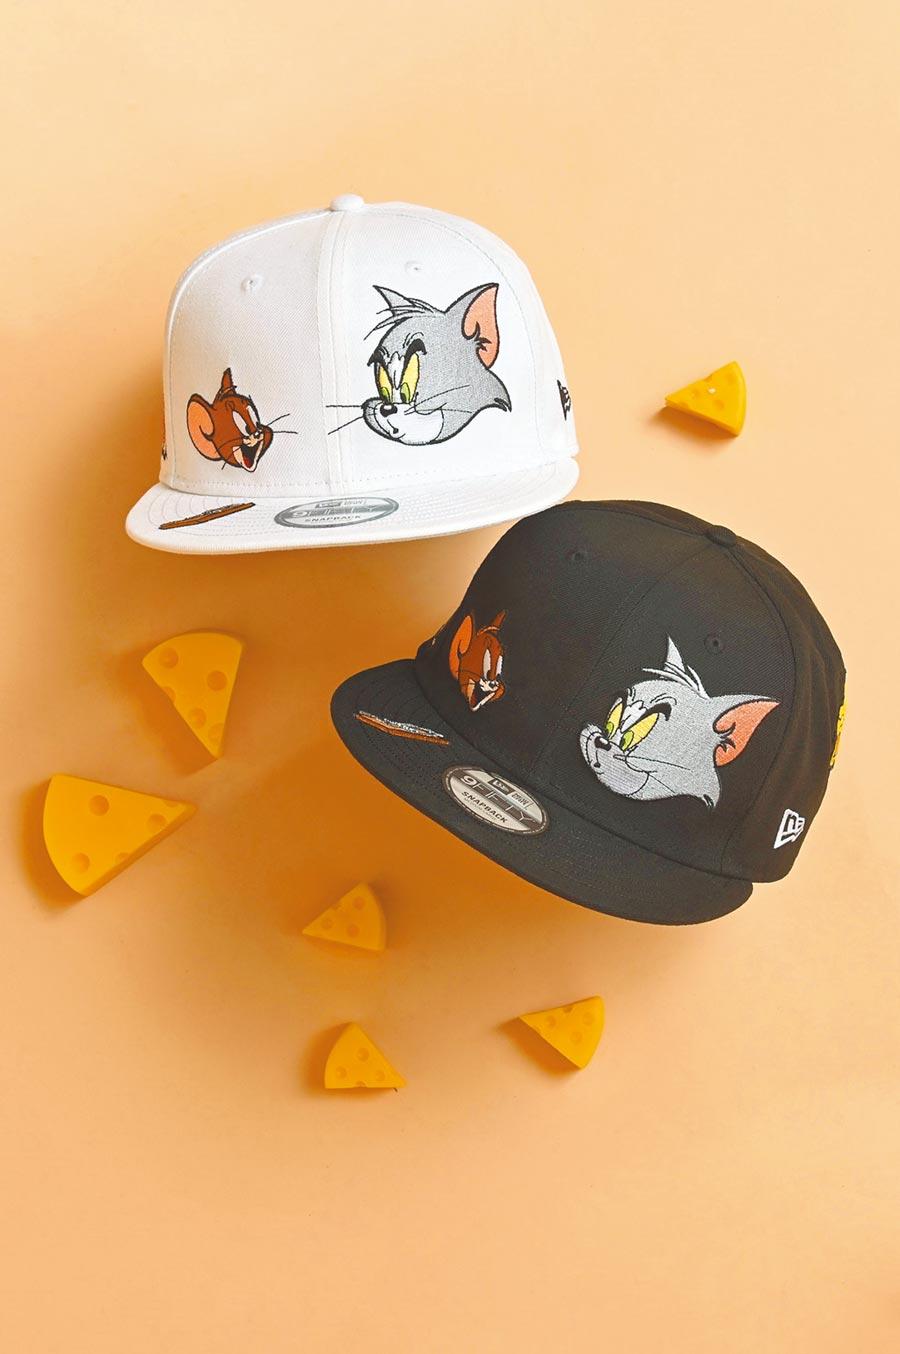 品牌經典9FIFTY、9FORTY帽款1680元,呈現兩位主角的大頭圖樣,及綴飾傑利鼠最愛的黃金起司,帽子後方的「T AND J」字樣,也將這兩位歡喜冤家做了完美結合,邀粉絲一起重溫童年回憶,6月24日起於全台New Era門市與網路商城開賣。(New Era提供)